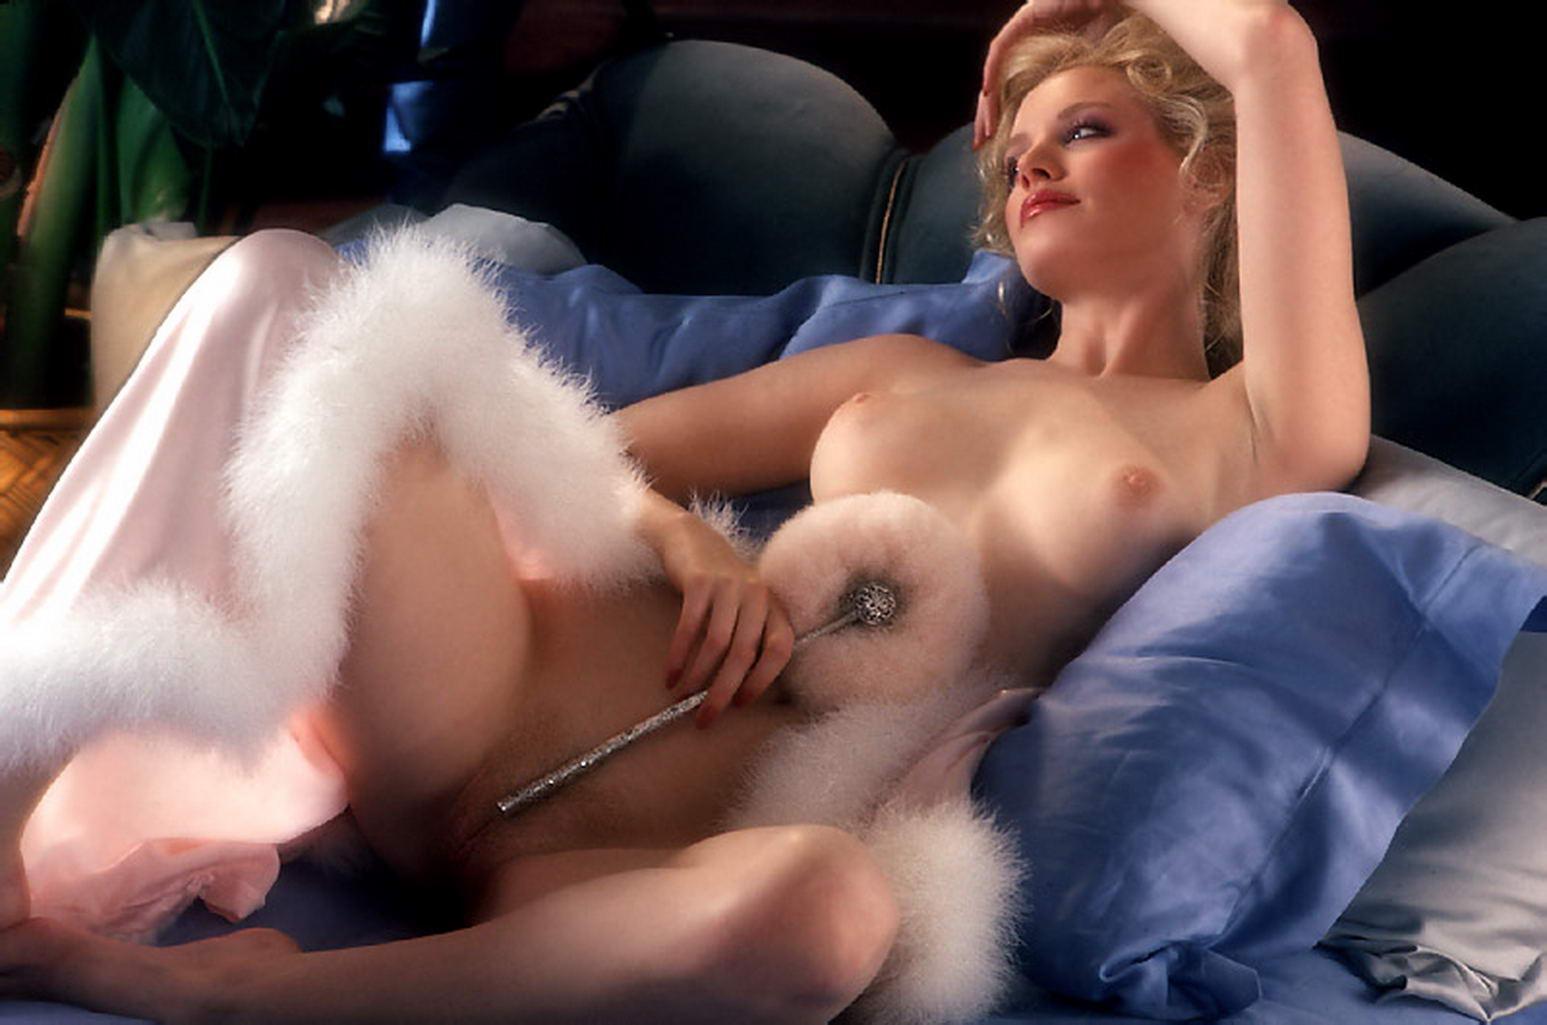 Съемки порно мисс 15 фотография